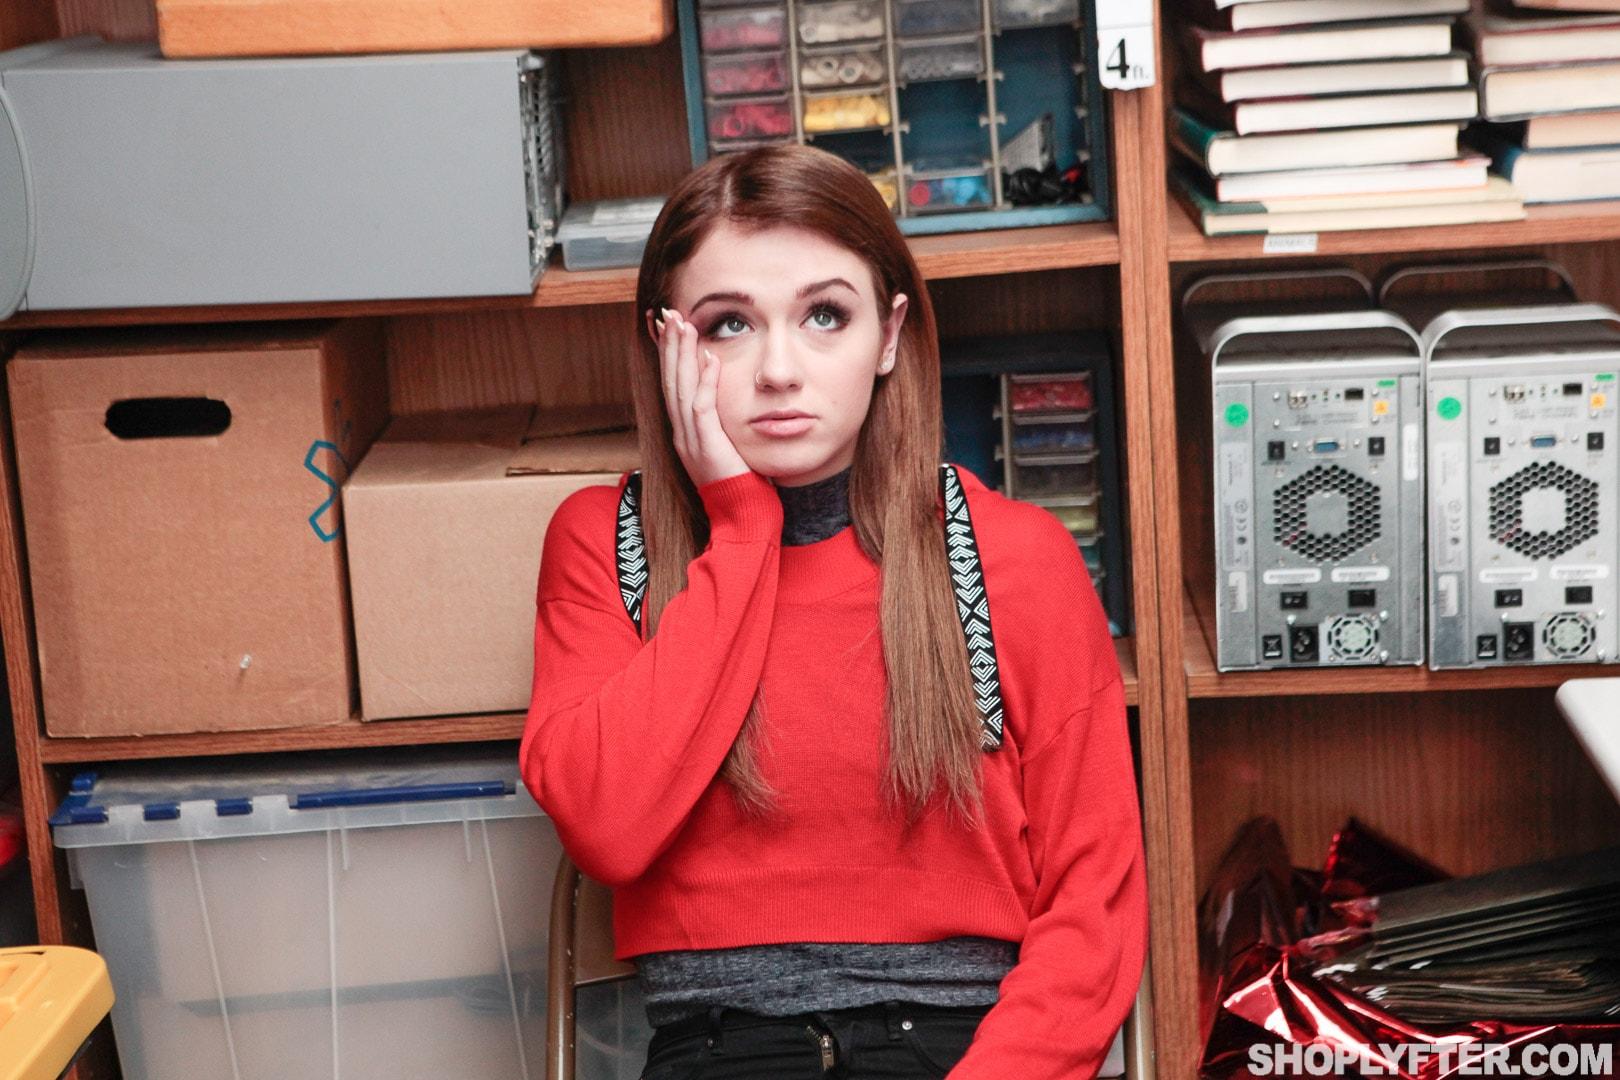 Team Skeet 'Case No. 2463827' starring Rosalyn Sphinx (Photo 3)